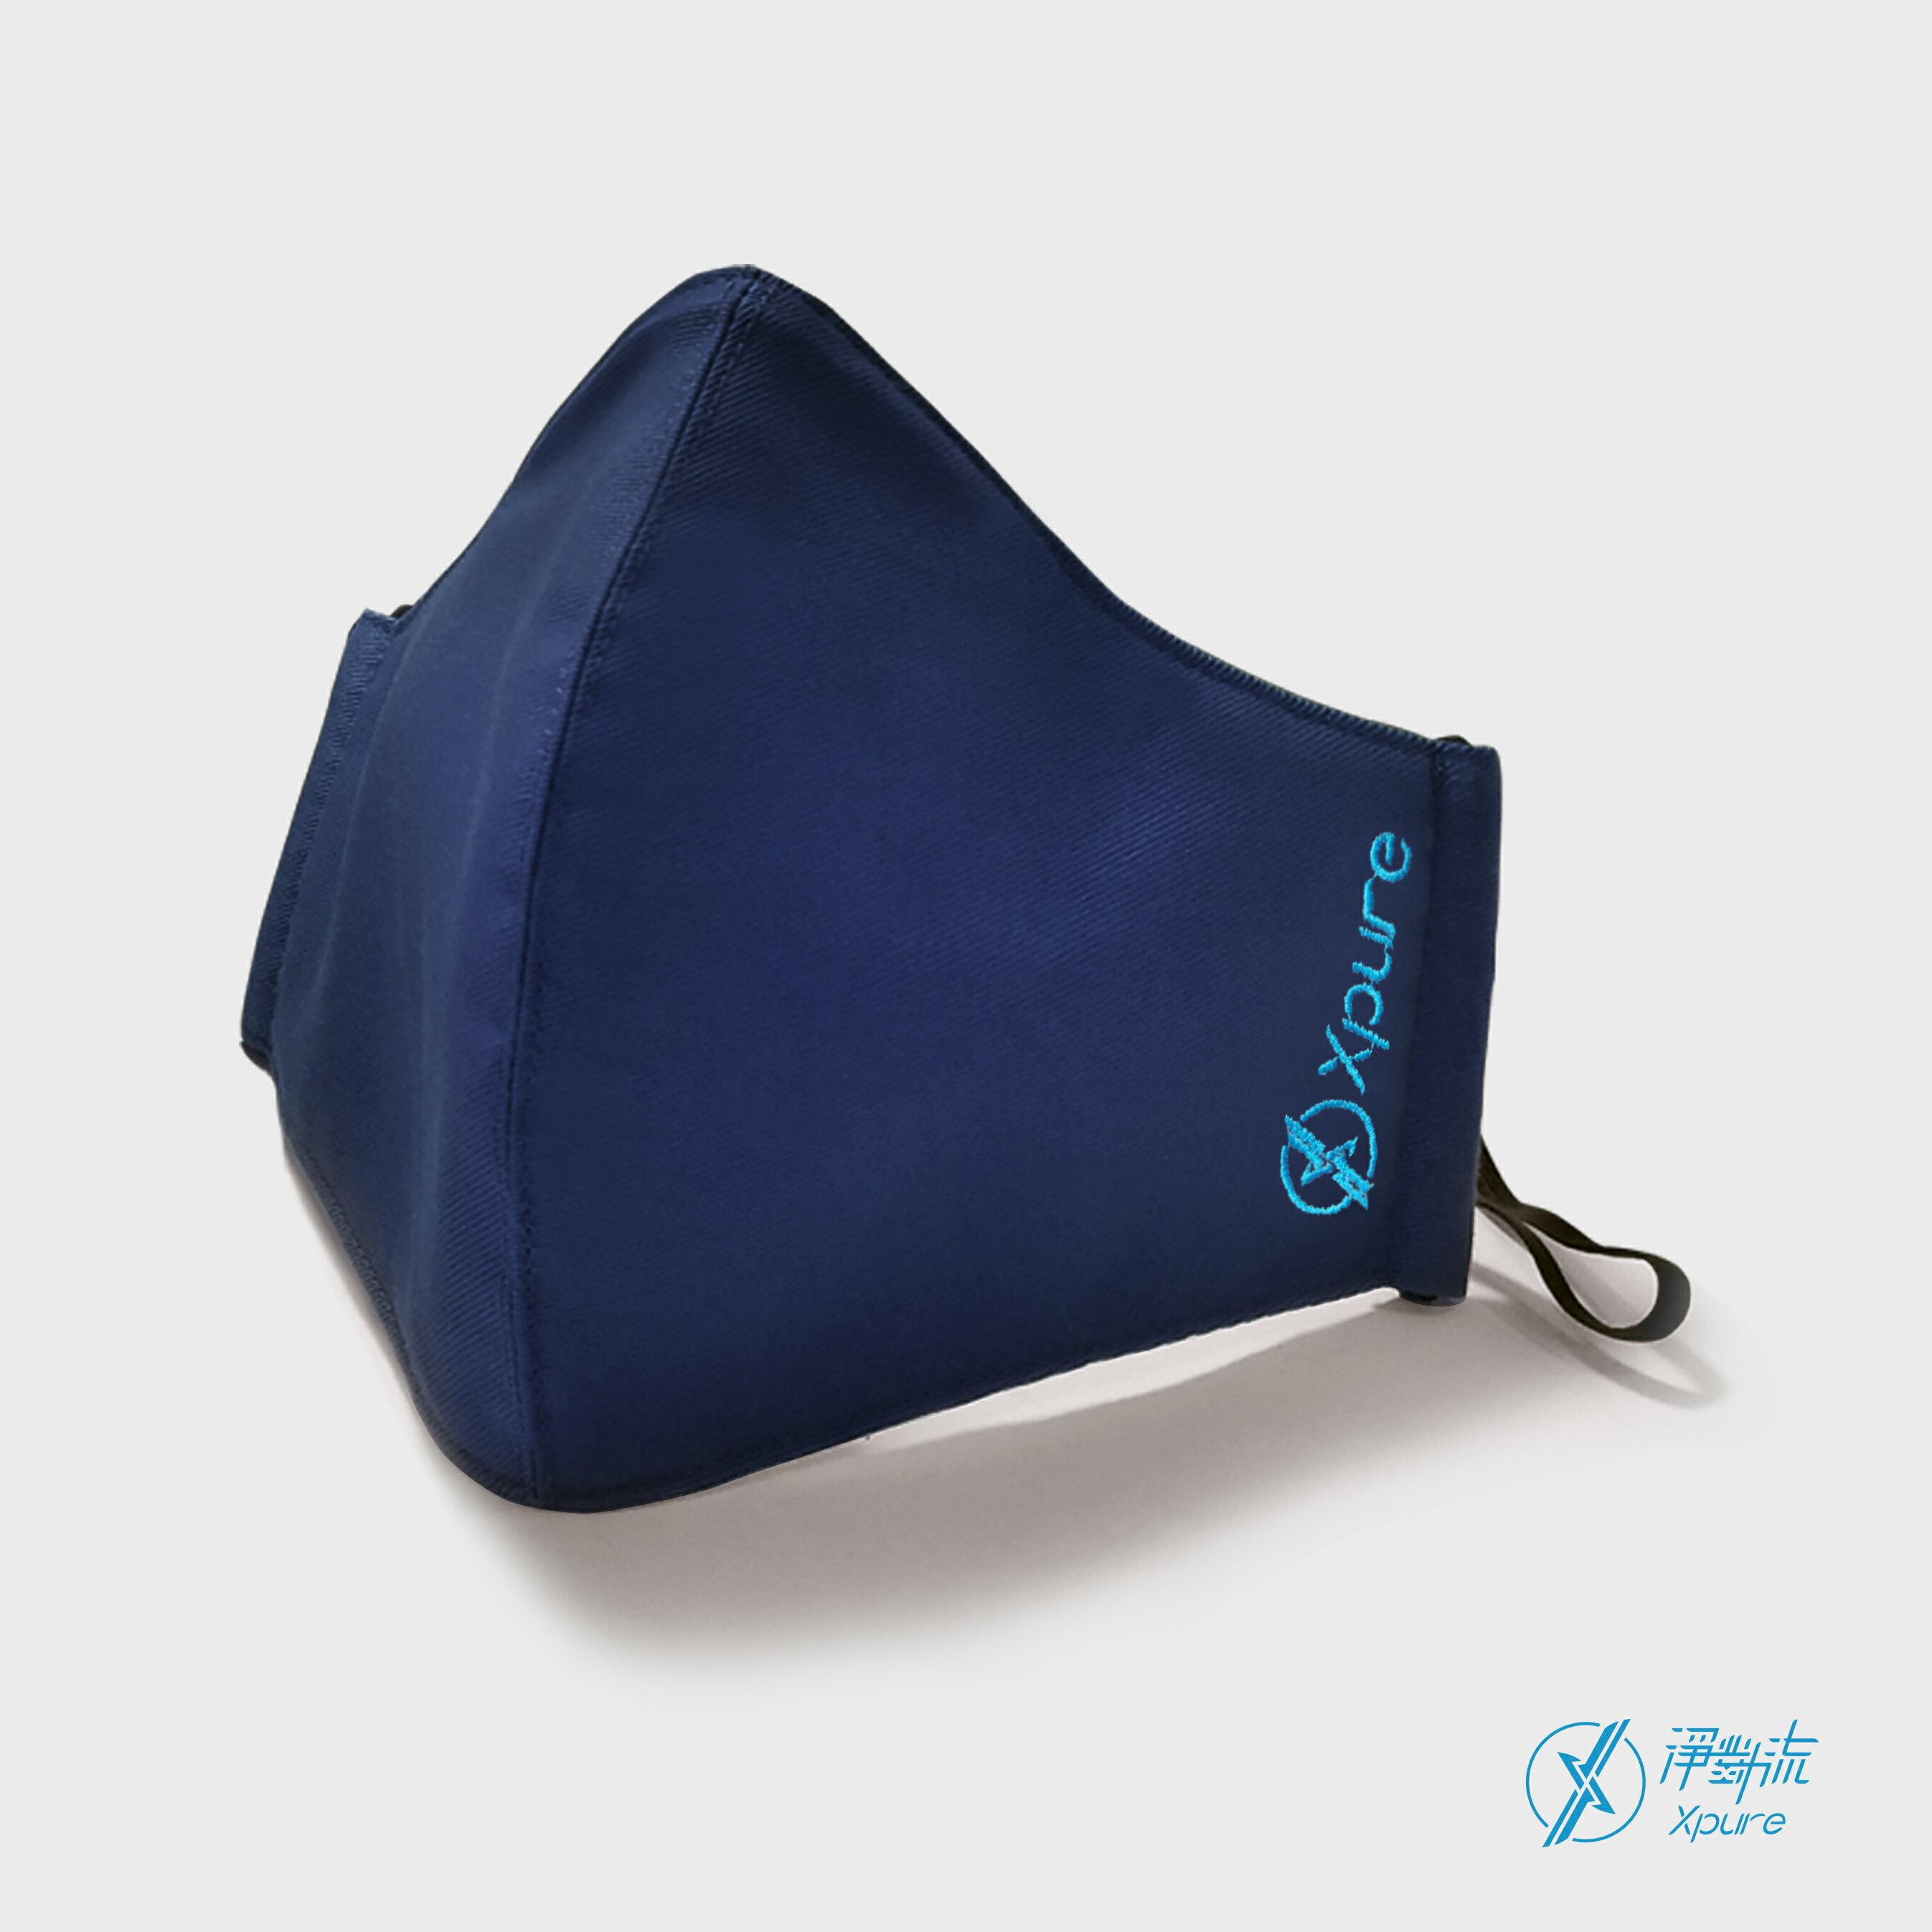 淨對流Xpure【3D布織口罩】可水洗200次抗pm2.5霧霾100% . 基本款G1材質 成人/兒童